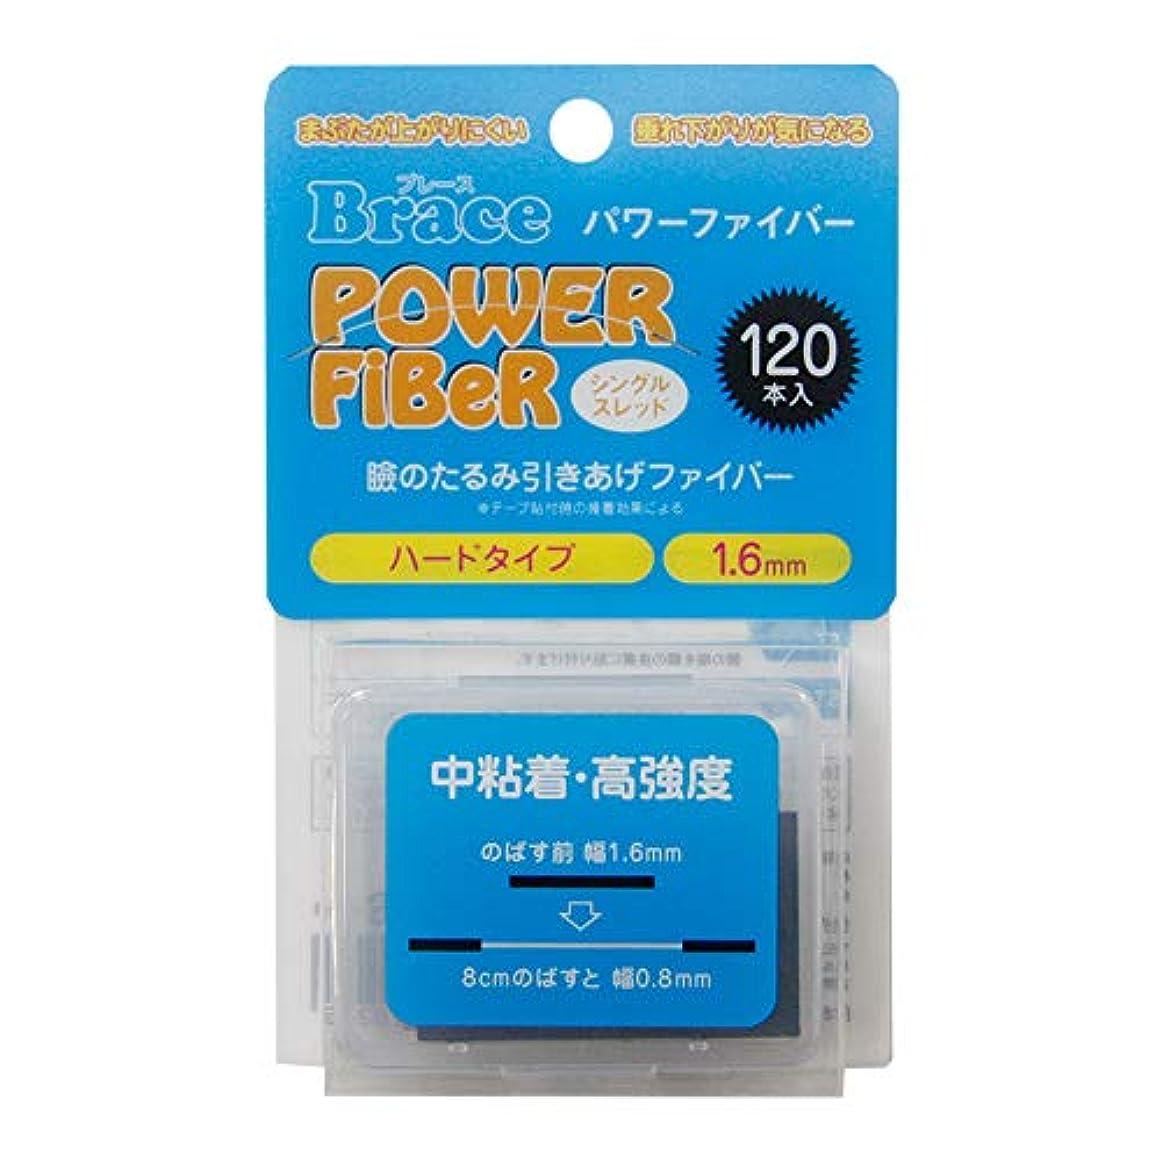 息切れ勃起深くBrace パワーファイバー 眼瞼下垂防止テープ ハードタイプ シングルスレッド 透明1.6mm幅 120本入り